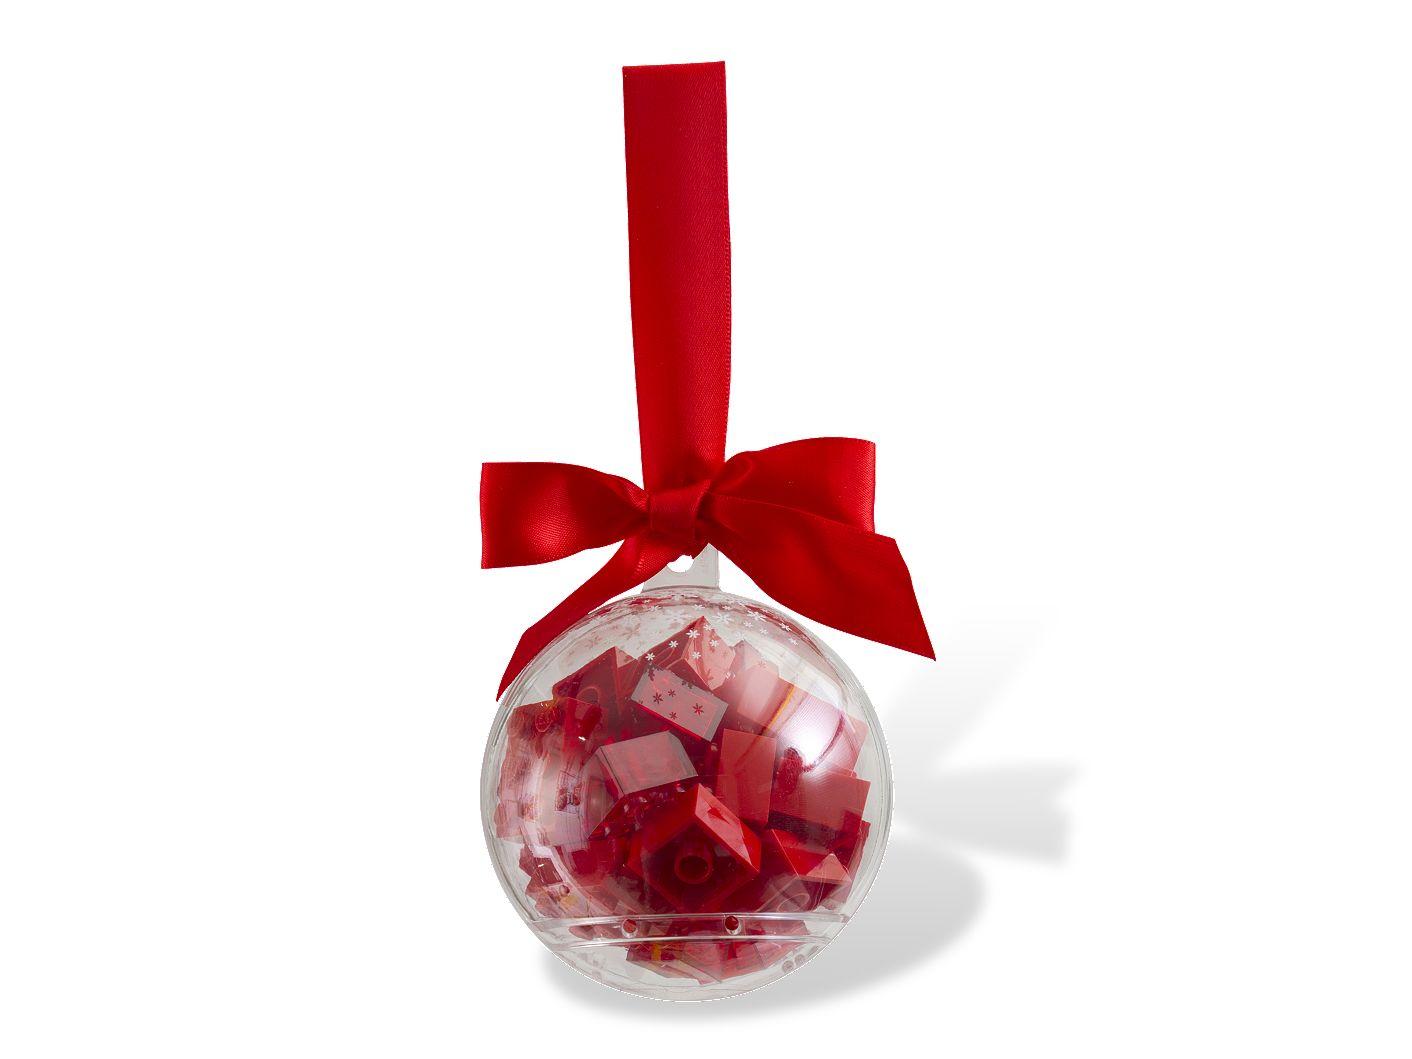 Décoration de Noël avec briques rouges